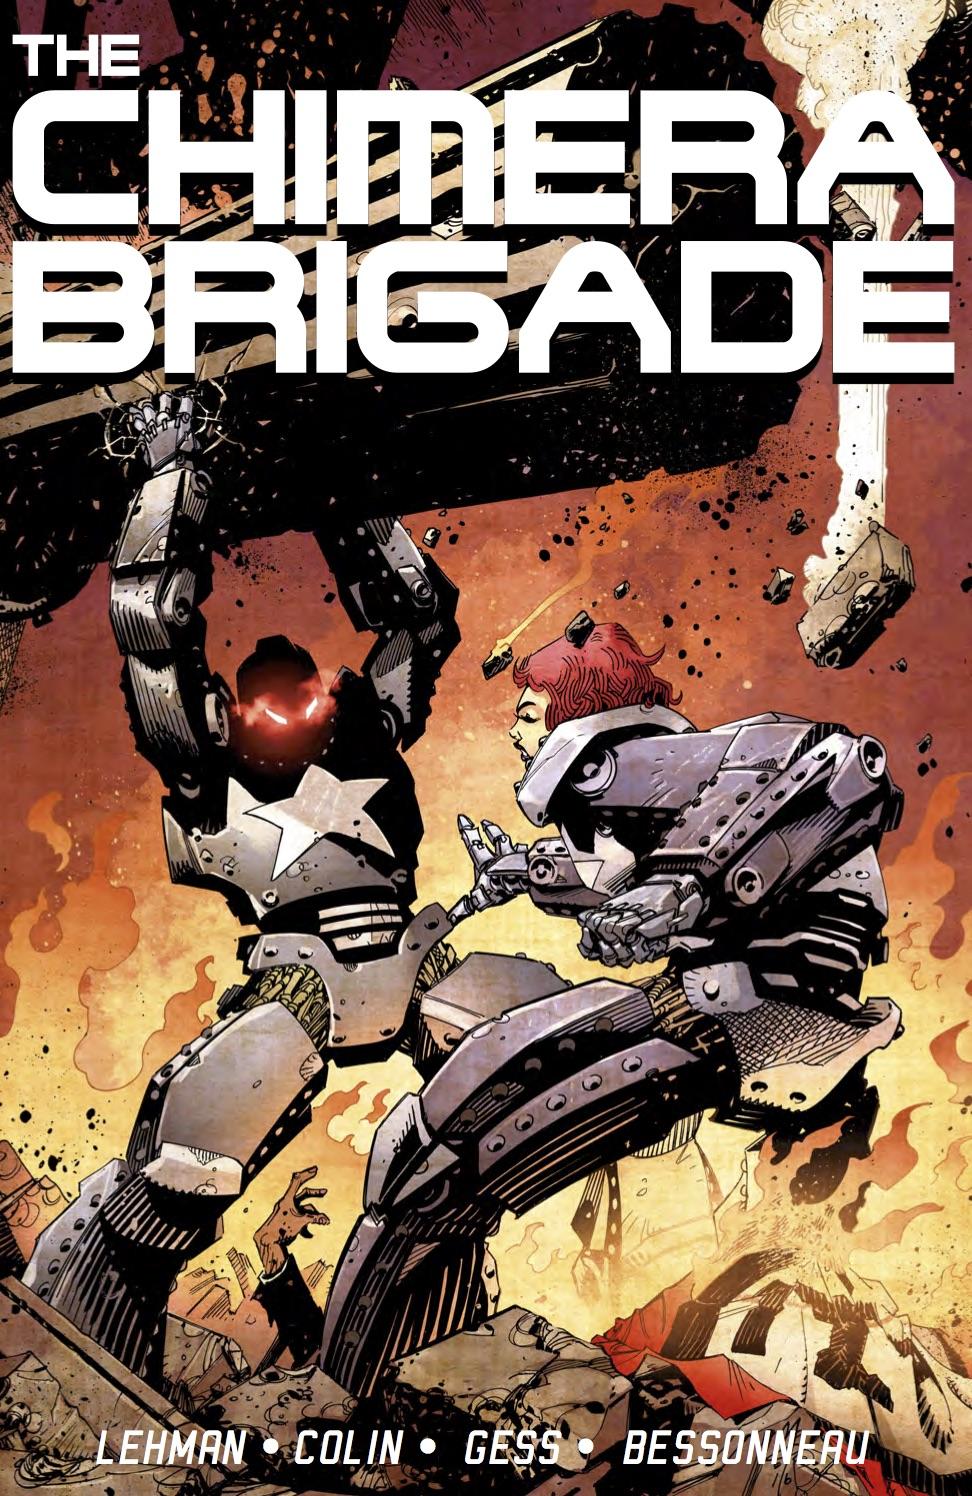 CHIMERA_BRIGADE_COLLECTION Cover